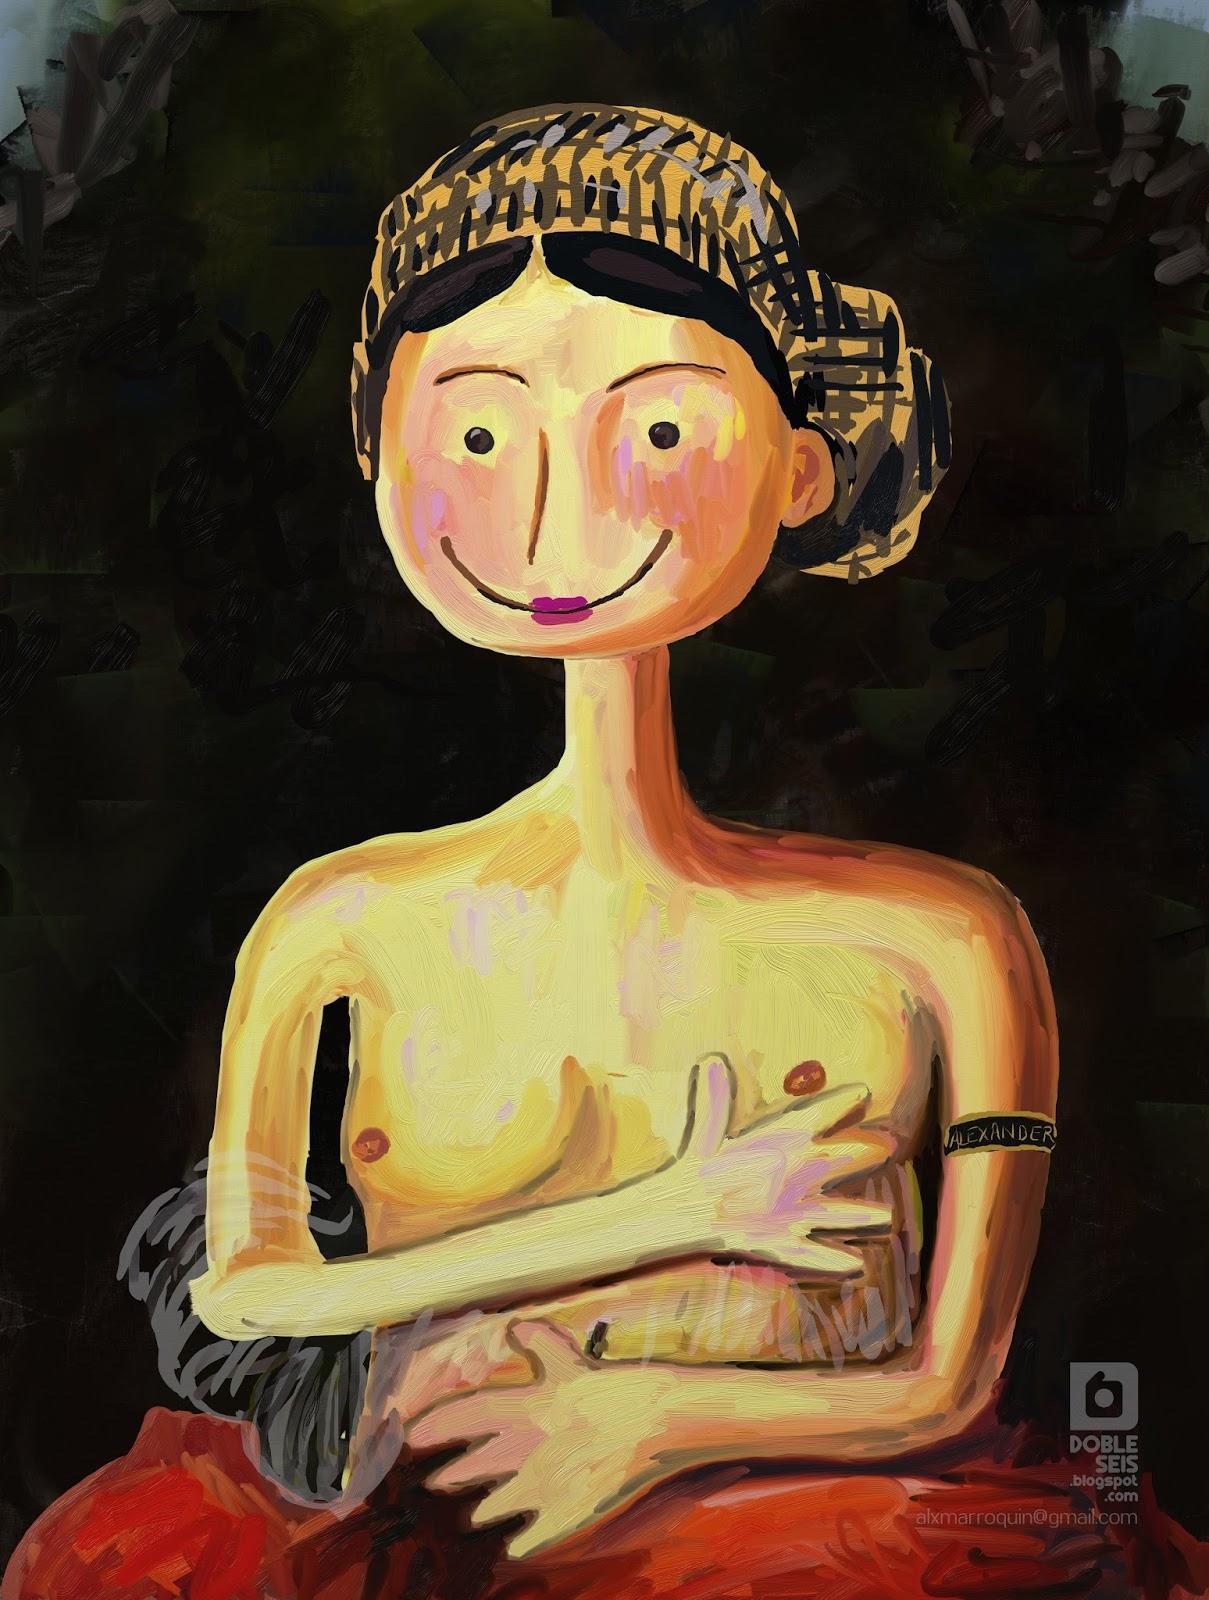 http://4.bp.blogspot.com/-zbjUMta7h1M/UhV1ZhQu_KI/AAAAAAAACRI/vEIoqaXio-c/s1600/Retrato+de+una+joven+-+La+Fornarina.jpg